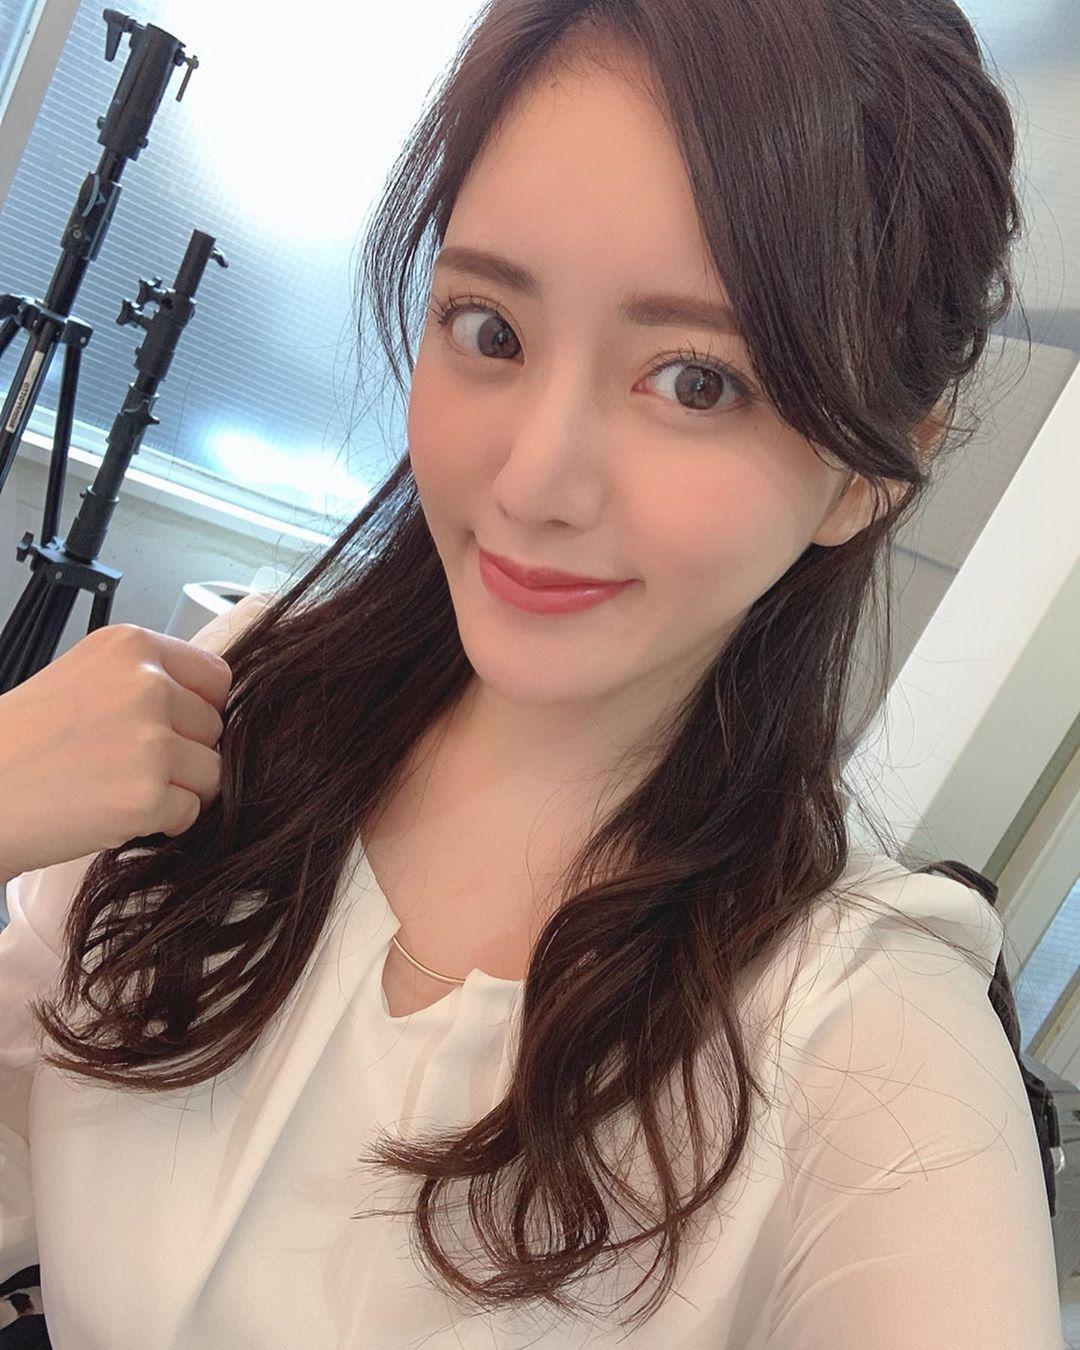 日本大胃王美女细肩带背心内衣饱满胸型外泄 养眼图片 第4张